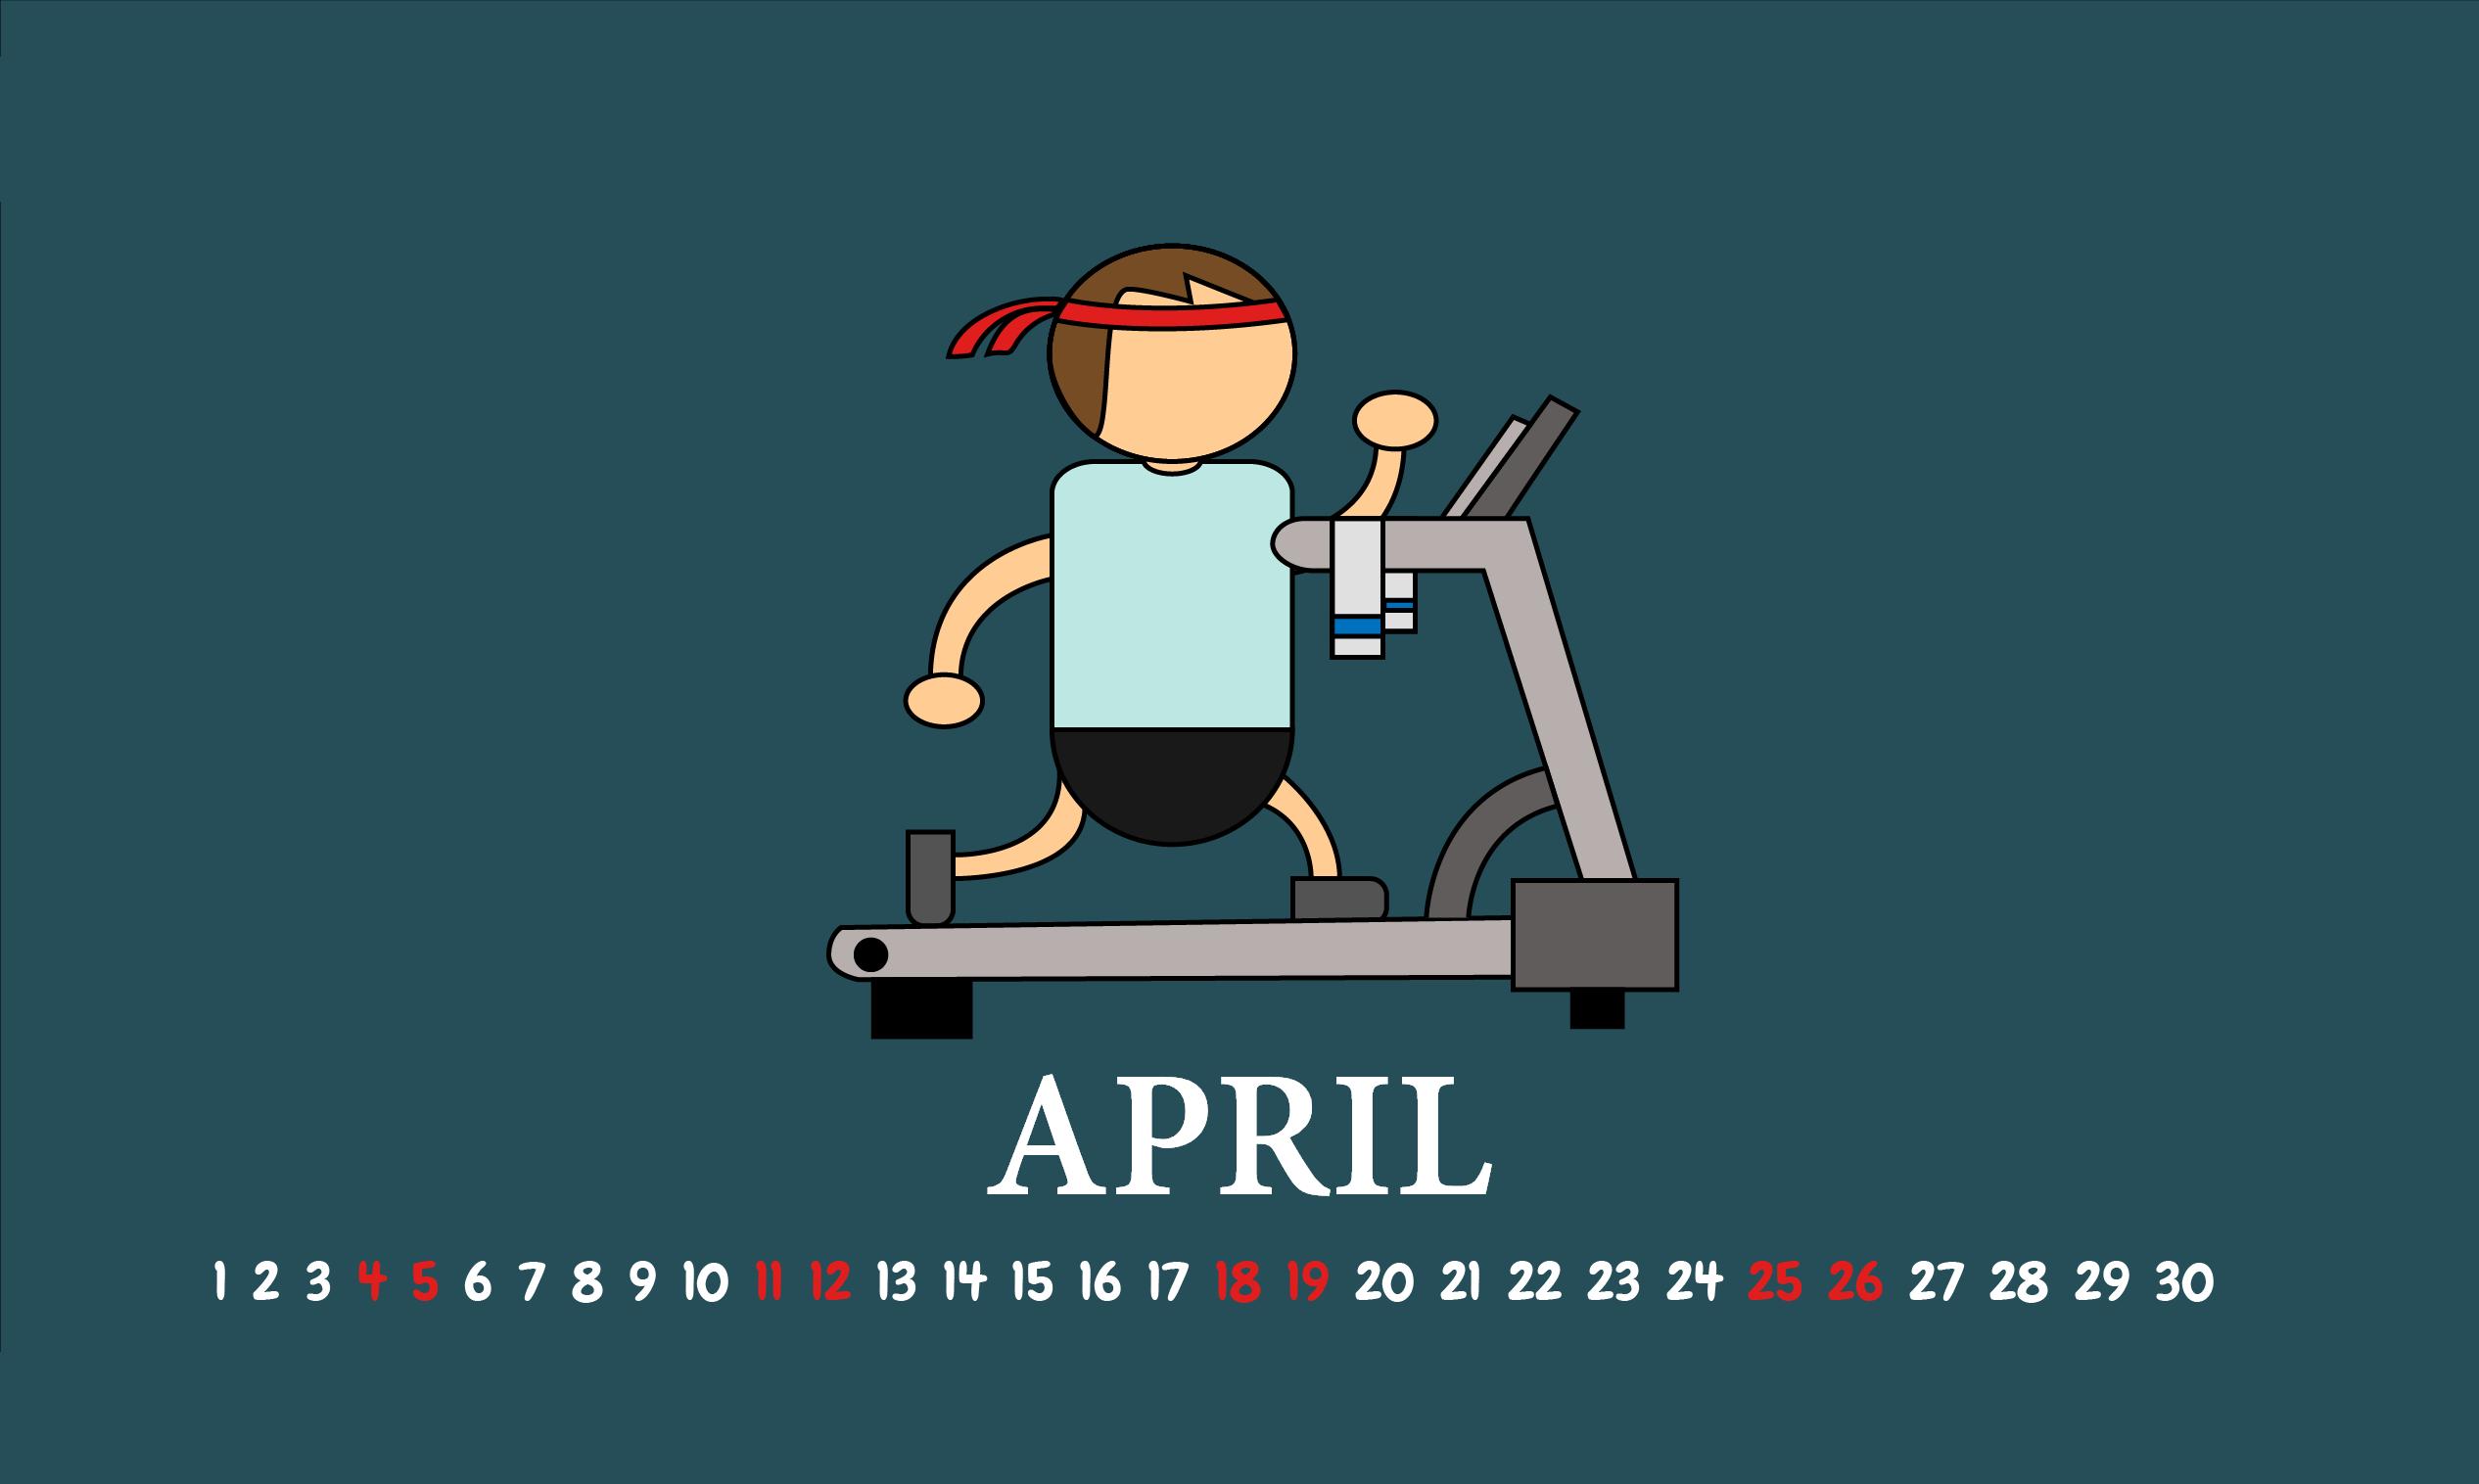 April 2020 Desktop Background Wallpaper